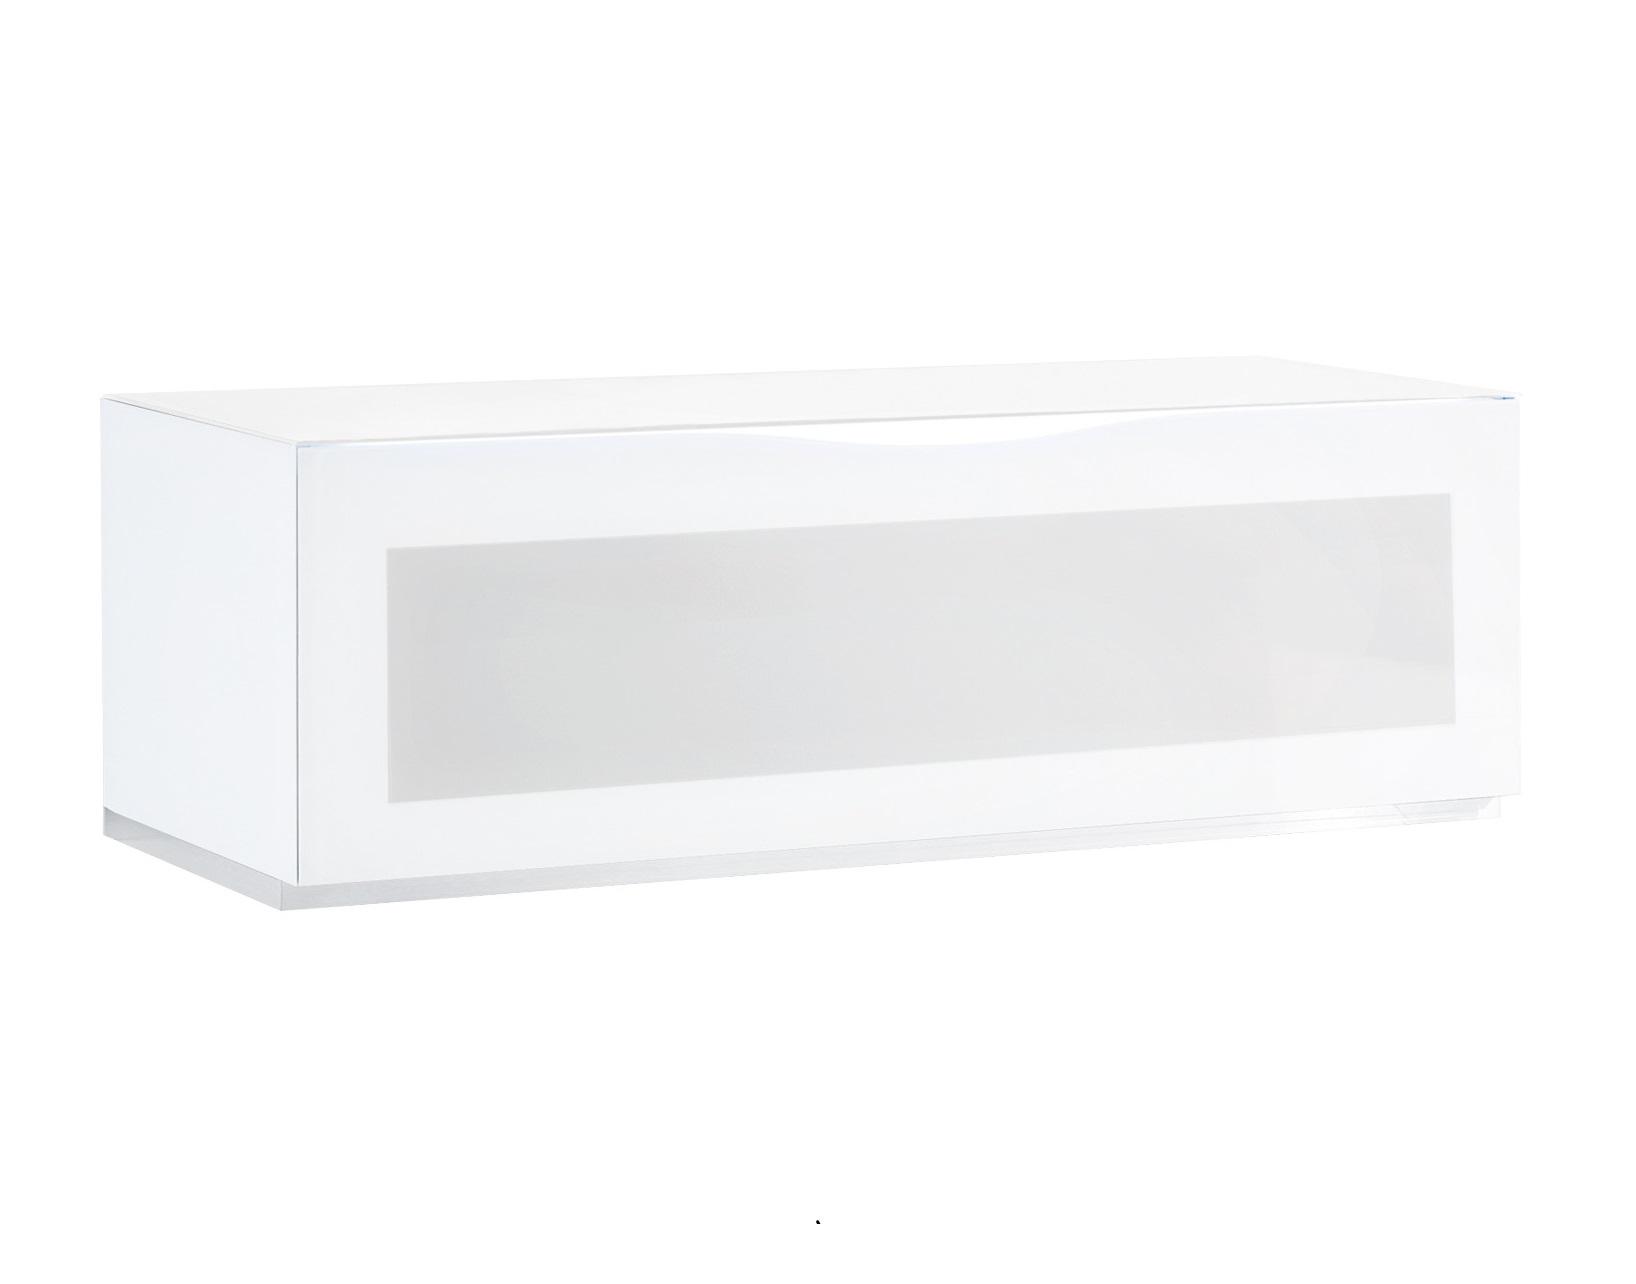 Тумба под ТВ MO 152 BIТумбы под TV<br>&amp;lt;div&amp;gt;- светодиодная подсветка с удобным выключателем&amp;lt;/div&amp;gt;&amp;lt;div&amp;gt;- скрытые колесики, позволяющие плавно двигать тумбу с техникой.&amp;lt;/div&amp;gt;&amp;lt;div&amp;gt;- регулируемые внутренние полки, позволяют разместить Hi-Fi компоненты любой высоты&amp;lt;/div&amp;gt;&amp;lt;div&amp;gt;- предусмотрена вентиляция для Hi-Fi техники, чтобы аппаратура не перегревалась&amp;lt;/div&amp;gt;&amp;lt;div&amp;gt;- предусмотрена фиксация для соединительных кабелей&amp;lt;/div&amp;gt;&amp;lt;div&amp;gt;- откидная дверка открывается и закрывается плавно и мягко&amp;lt;/div&amp;gt;&amp;lt;div&amp;gt;- закаленное безопасное стекло&amp;lt;/div&amp;gt;&amp;lt;div&amp;gt;- стеклянная дверка не мешает работе пультов&amp;lt;/div&amp;gt;&amp;lt;div&amp;gt;&amp;lt;br&amp;gt;&amp;lt;/div&amp;gt;&amp;lt;div&amp;gt;Материал: Cтекло, мдф&amp;lt;/div&amp;gt;<br><br>Material: МДФ<br>Width см: 150<br>Depth см: 50<br>Height см: 54